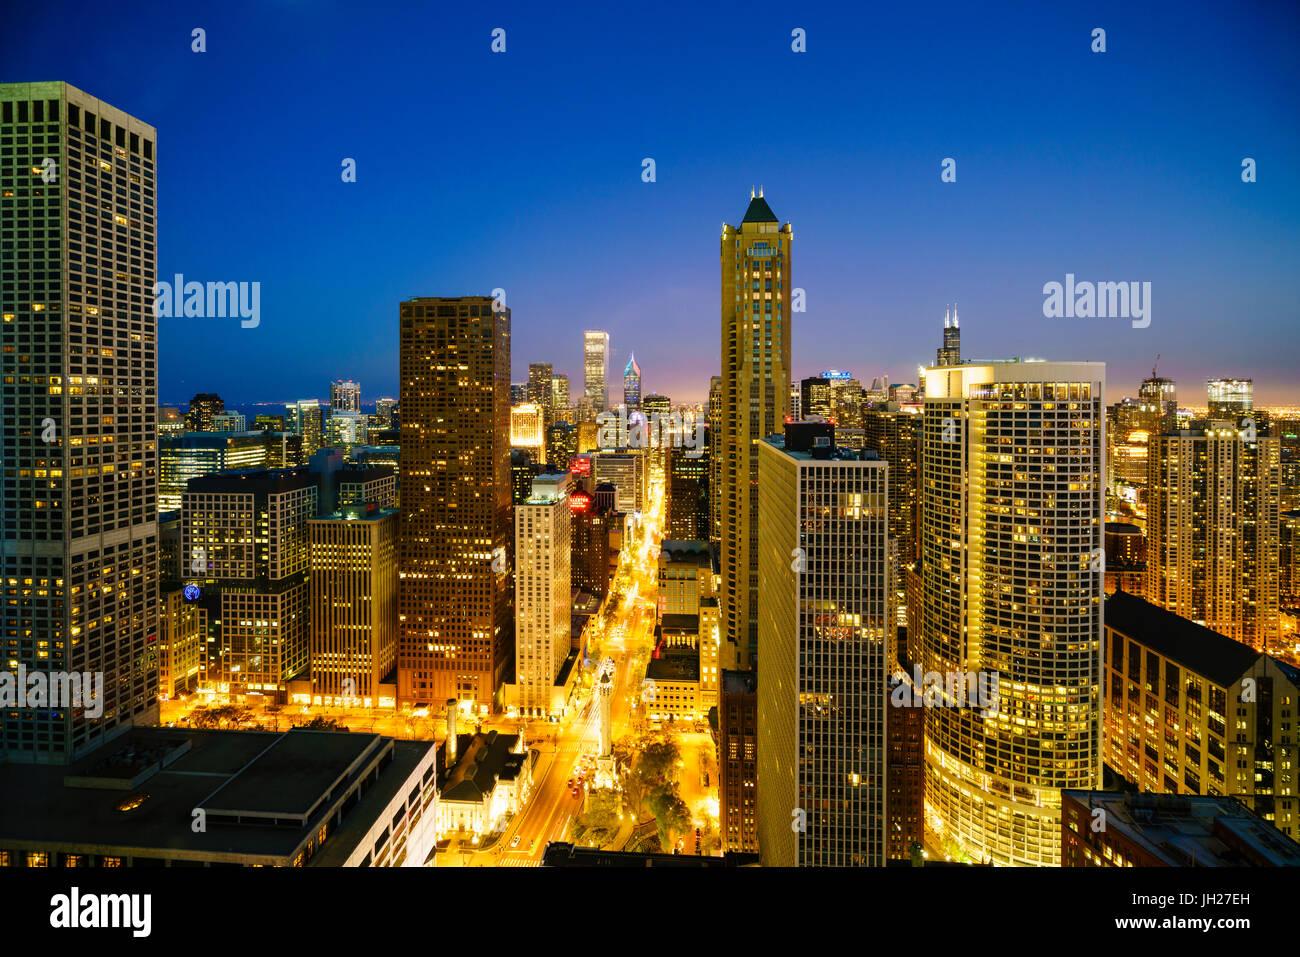 Sur les toits de la ville de nuit, Chicago, Illinois, États-Unis d'Amérique, Amérique du Nord Photo Stock